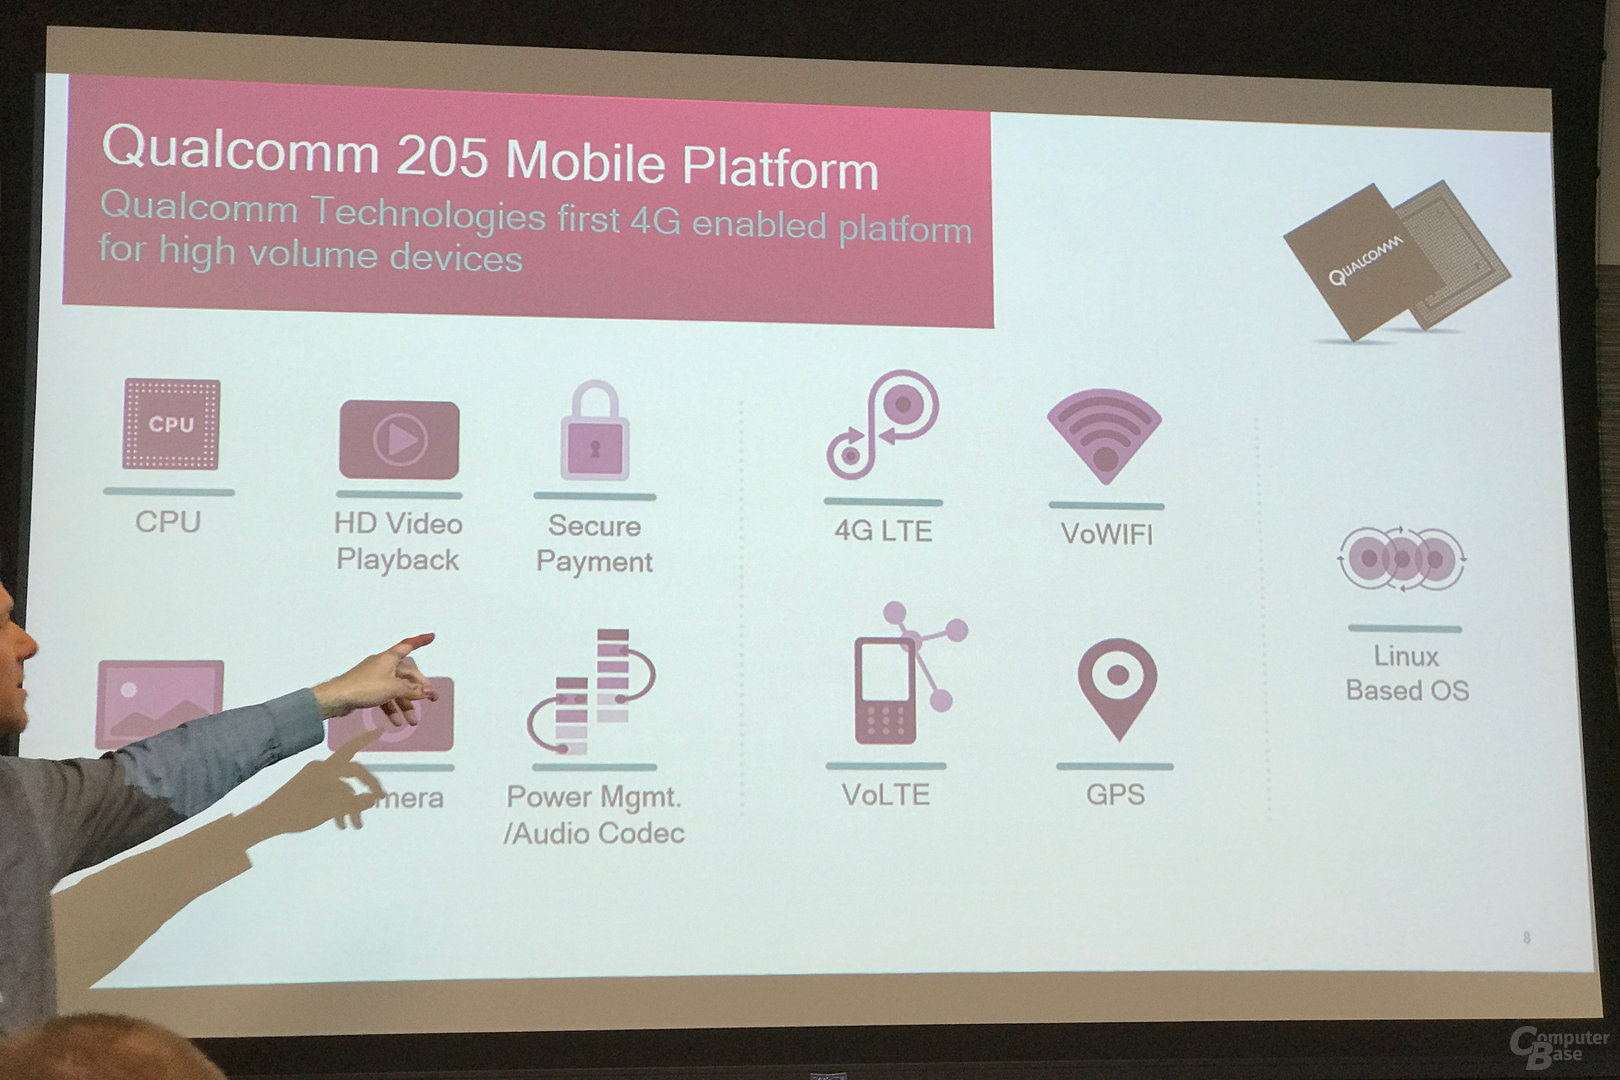 Die Qualcomm 205 Mobile Platform in der Übersicht